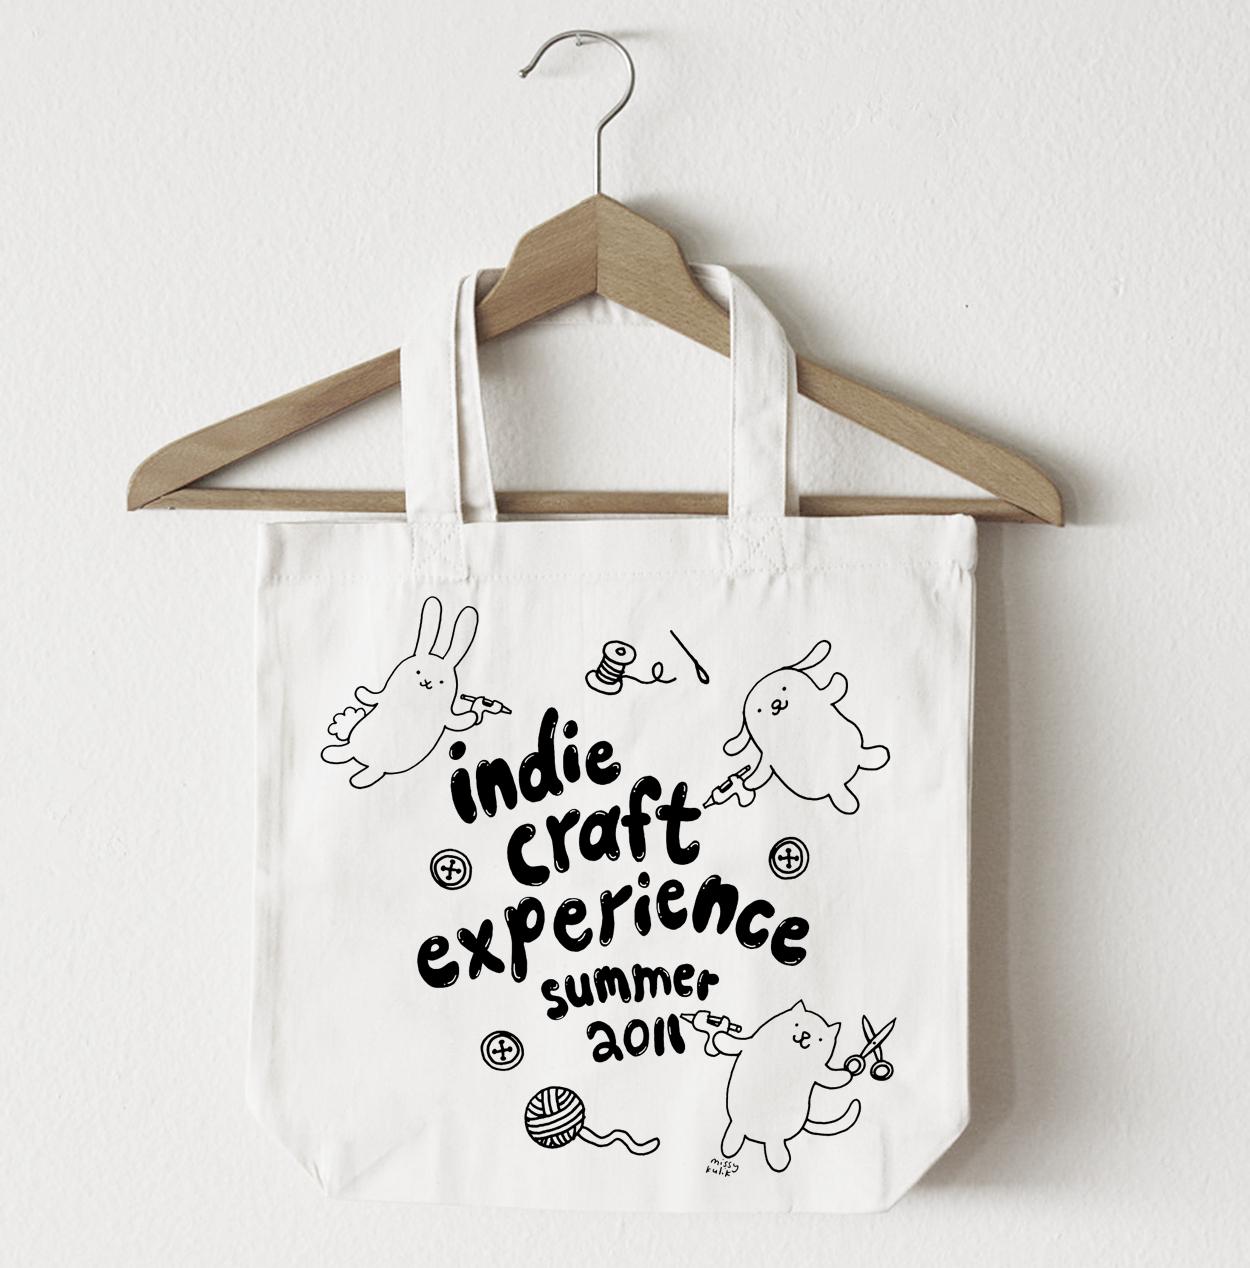 Indie Craft Experience Tote, Spring 2011